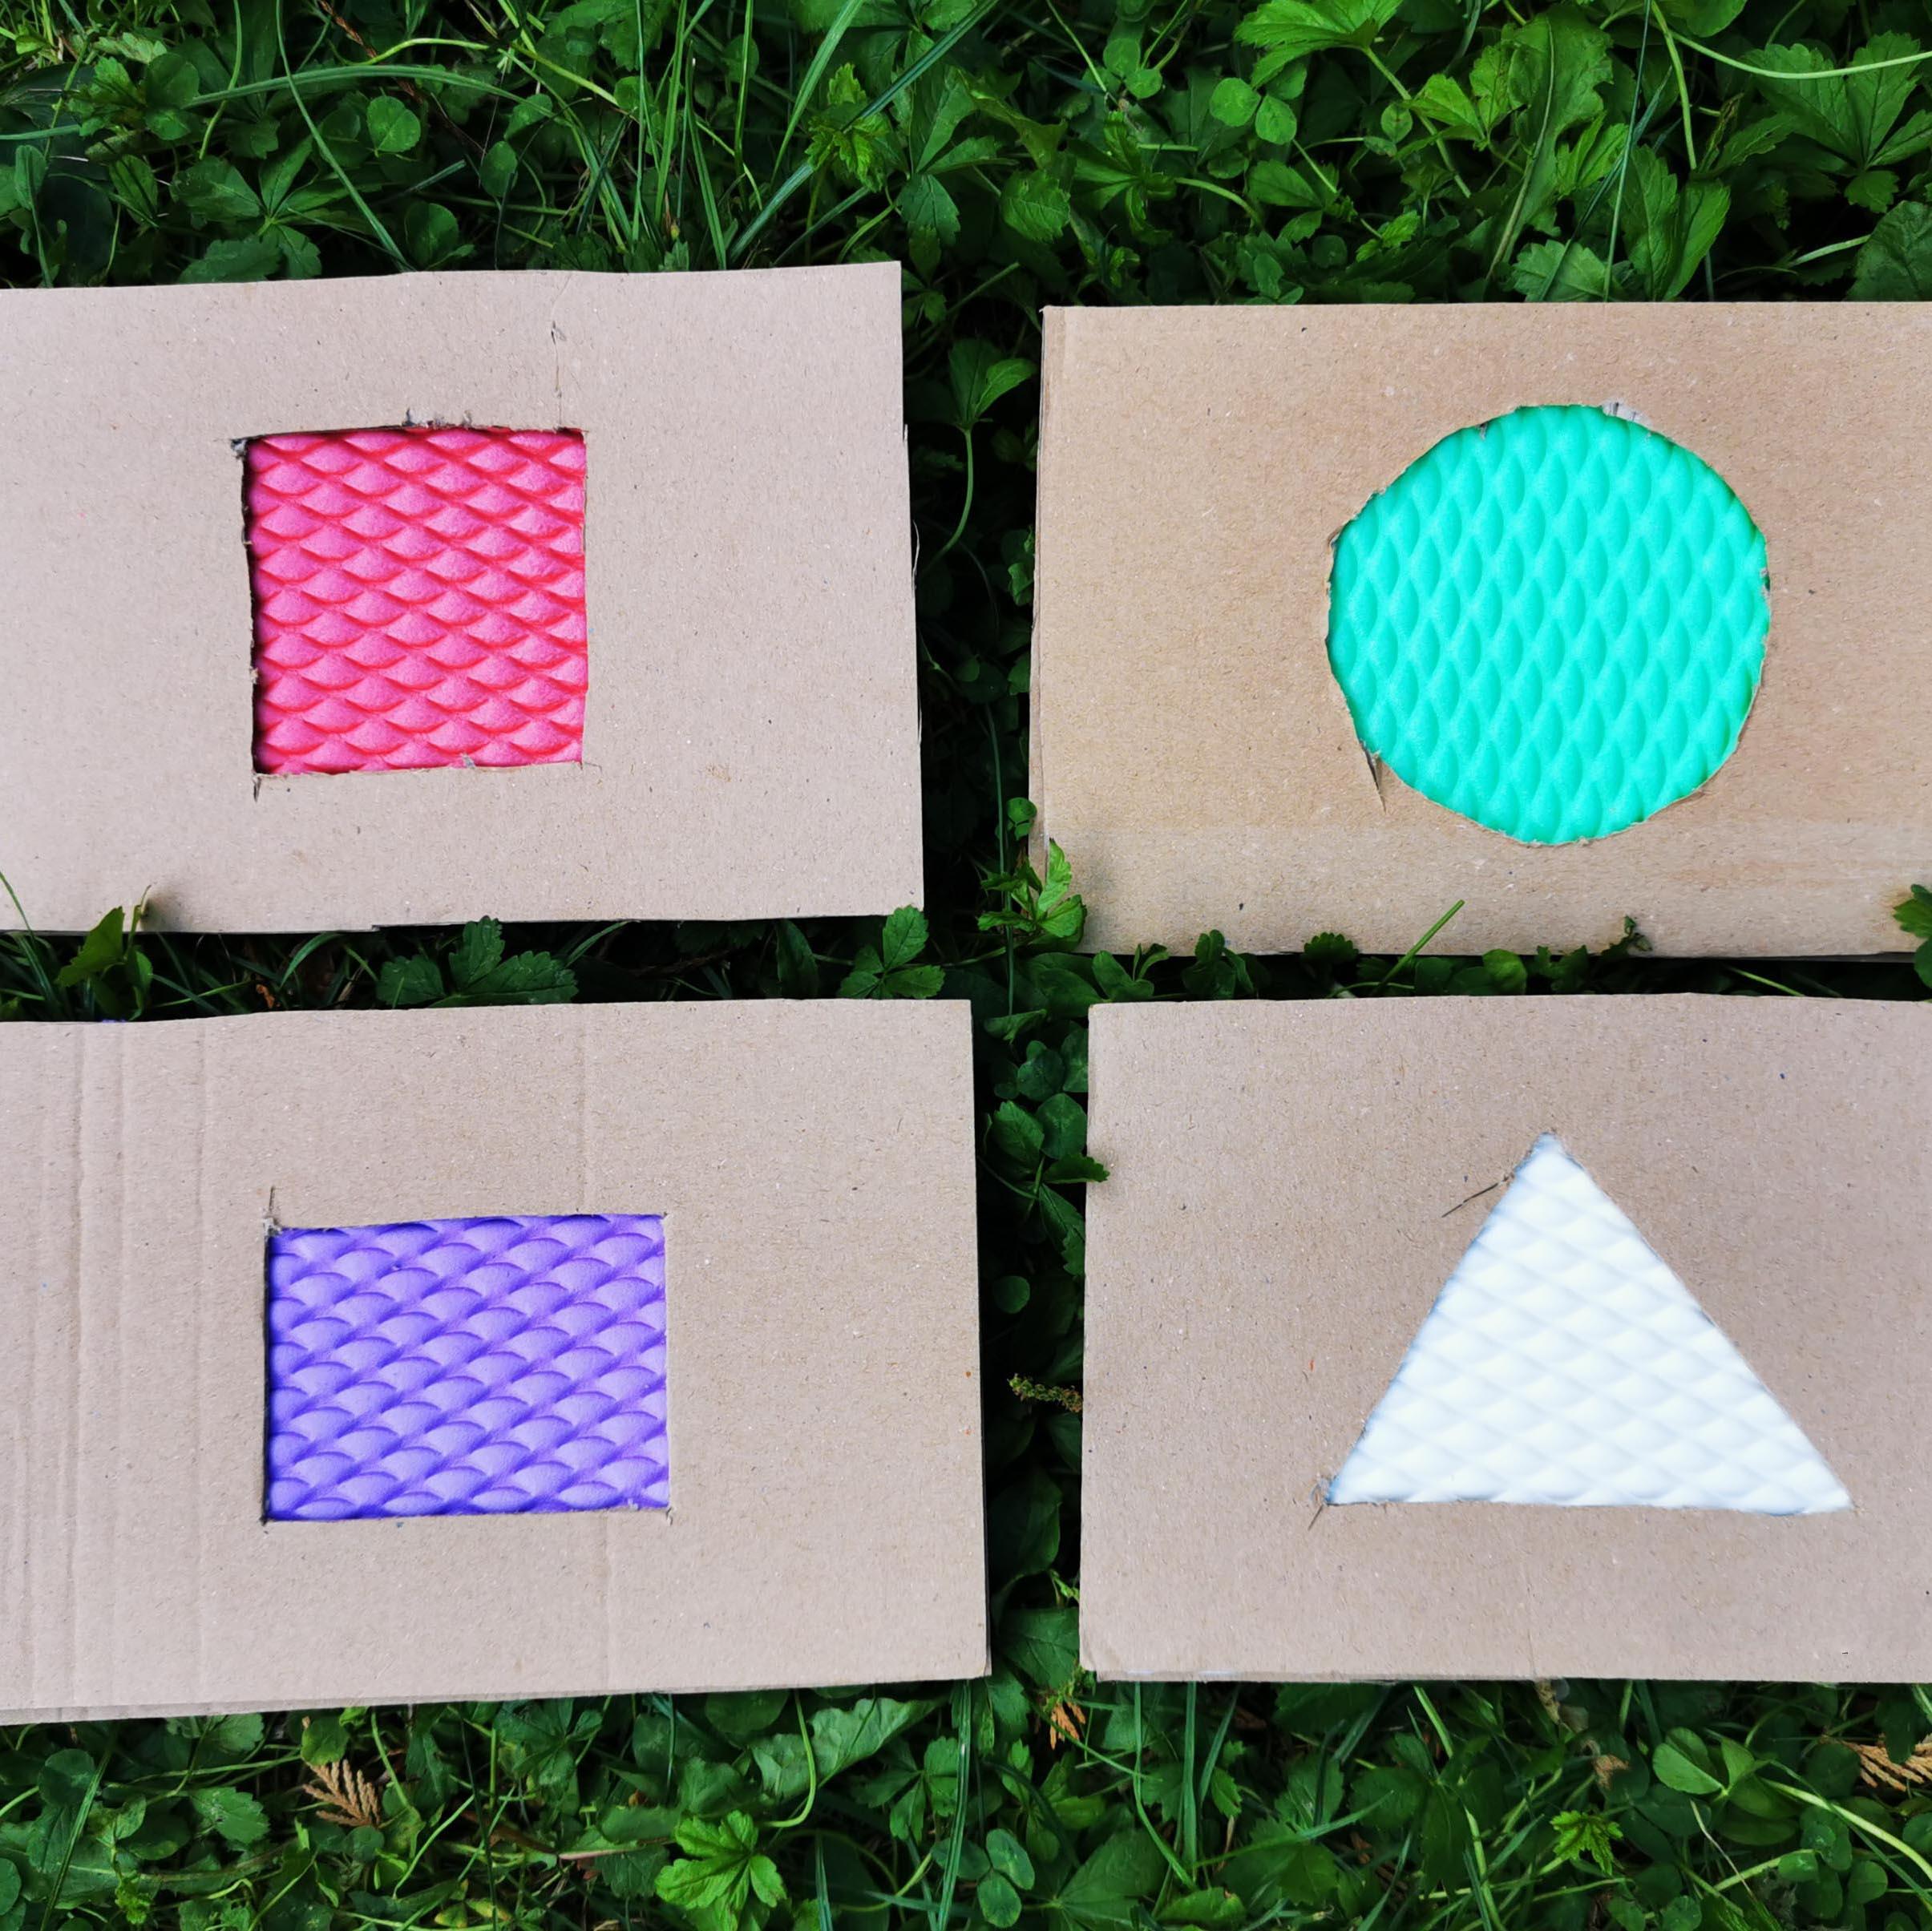 Tvoříme pro děti - HMATOVÉ KARTY: GEOMETRICKÉ TVARY